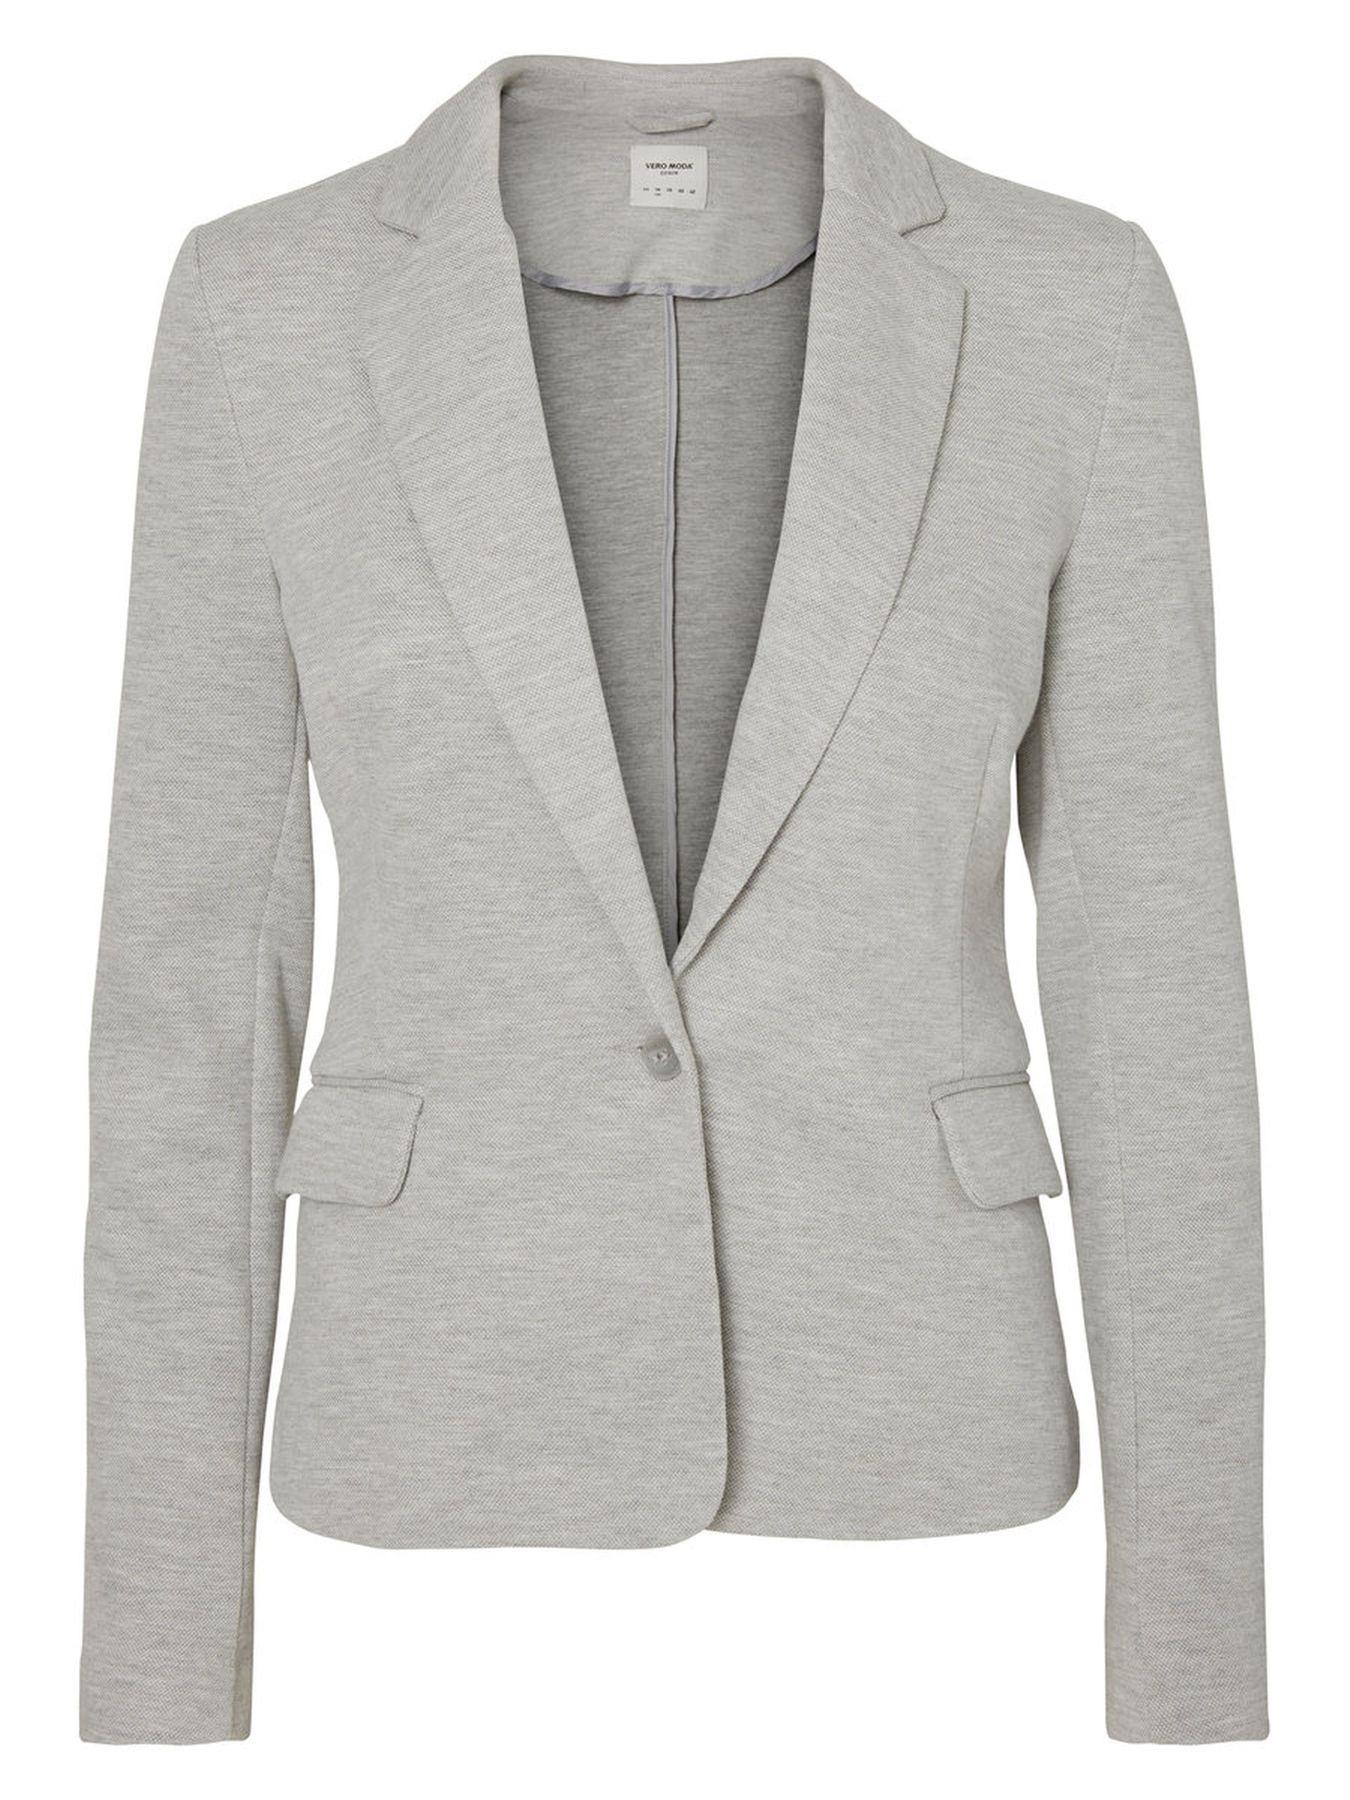 VERO MODA - Damen Jersey-Blazer in grau, schwarz,blau,Curry,rose oder Wine (10154123) – Bild 1